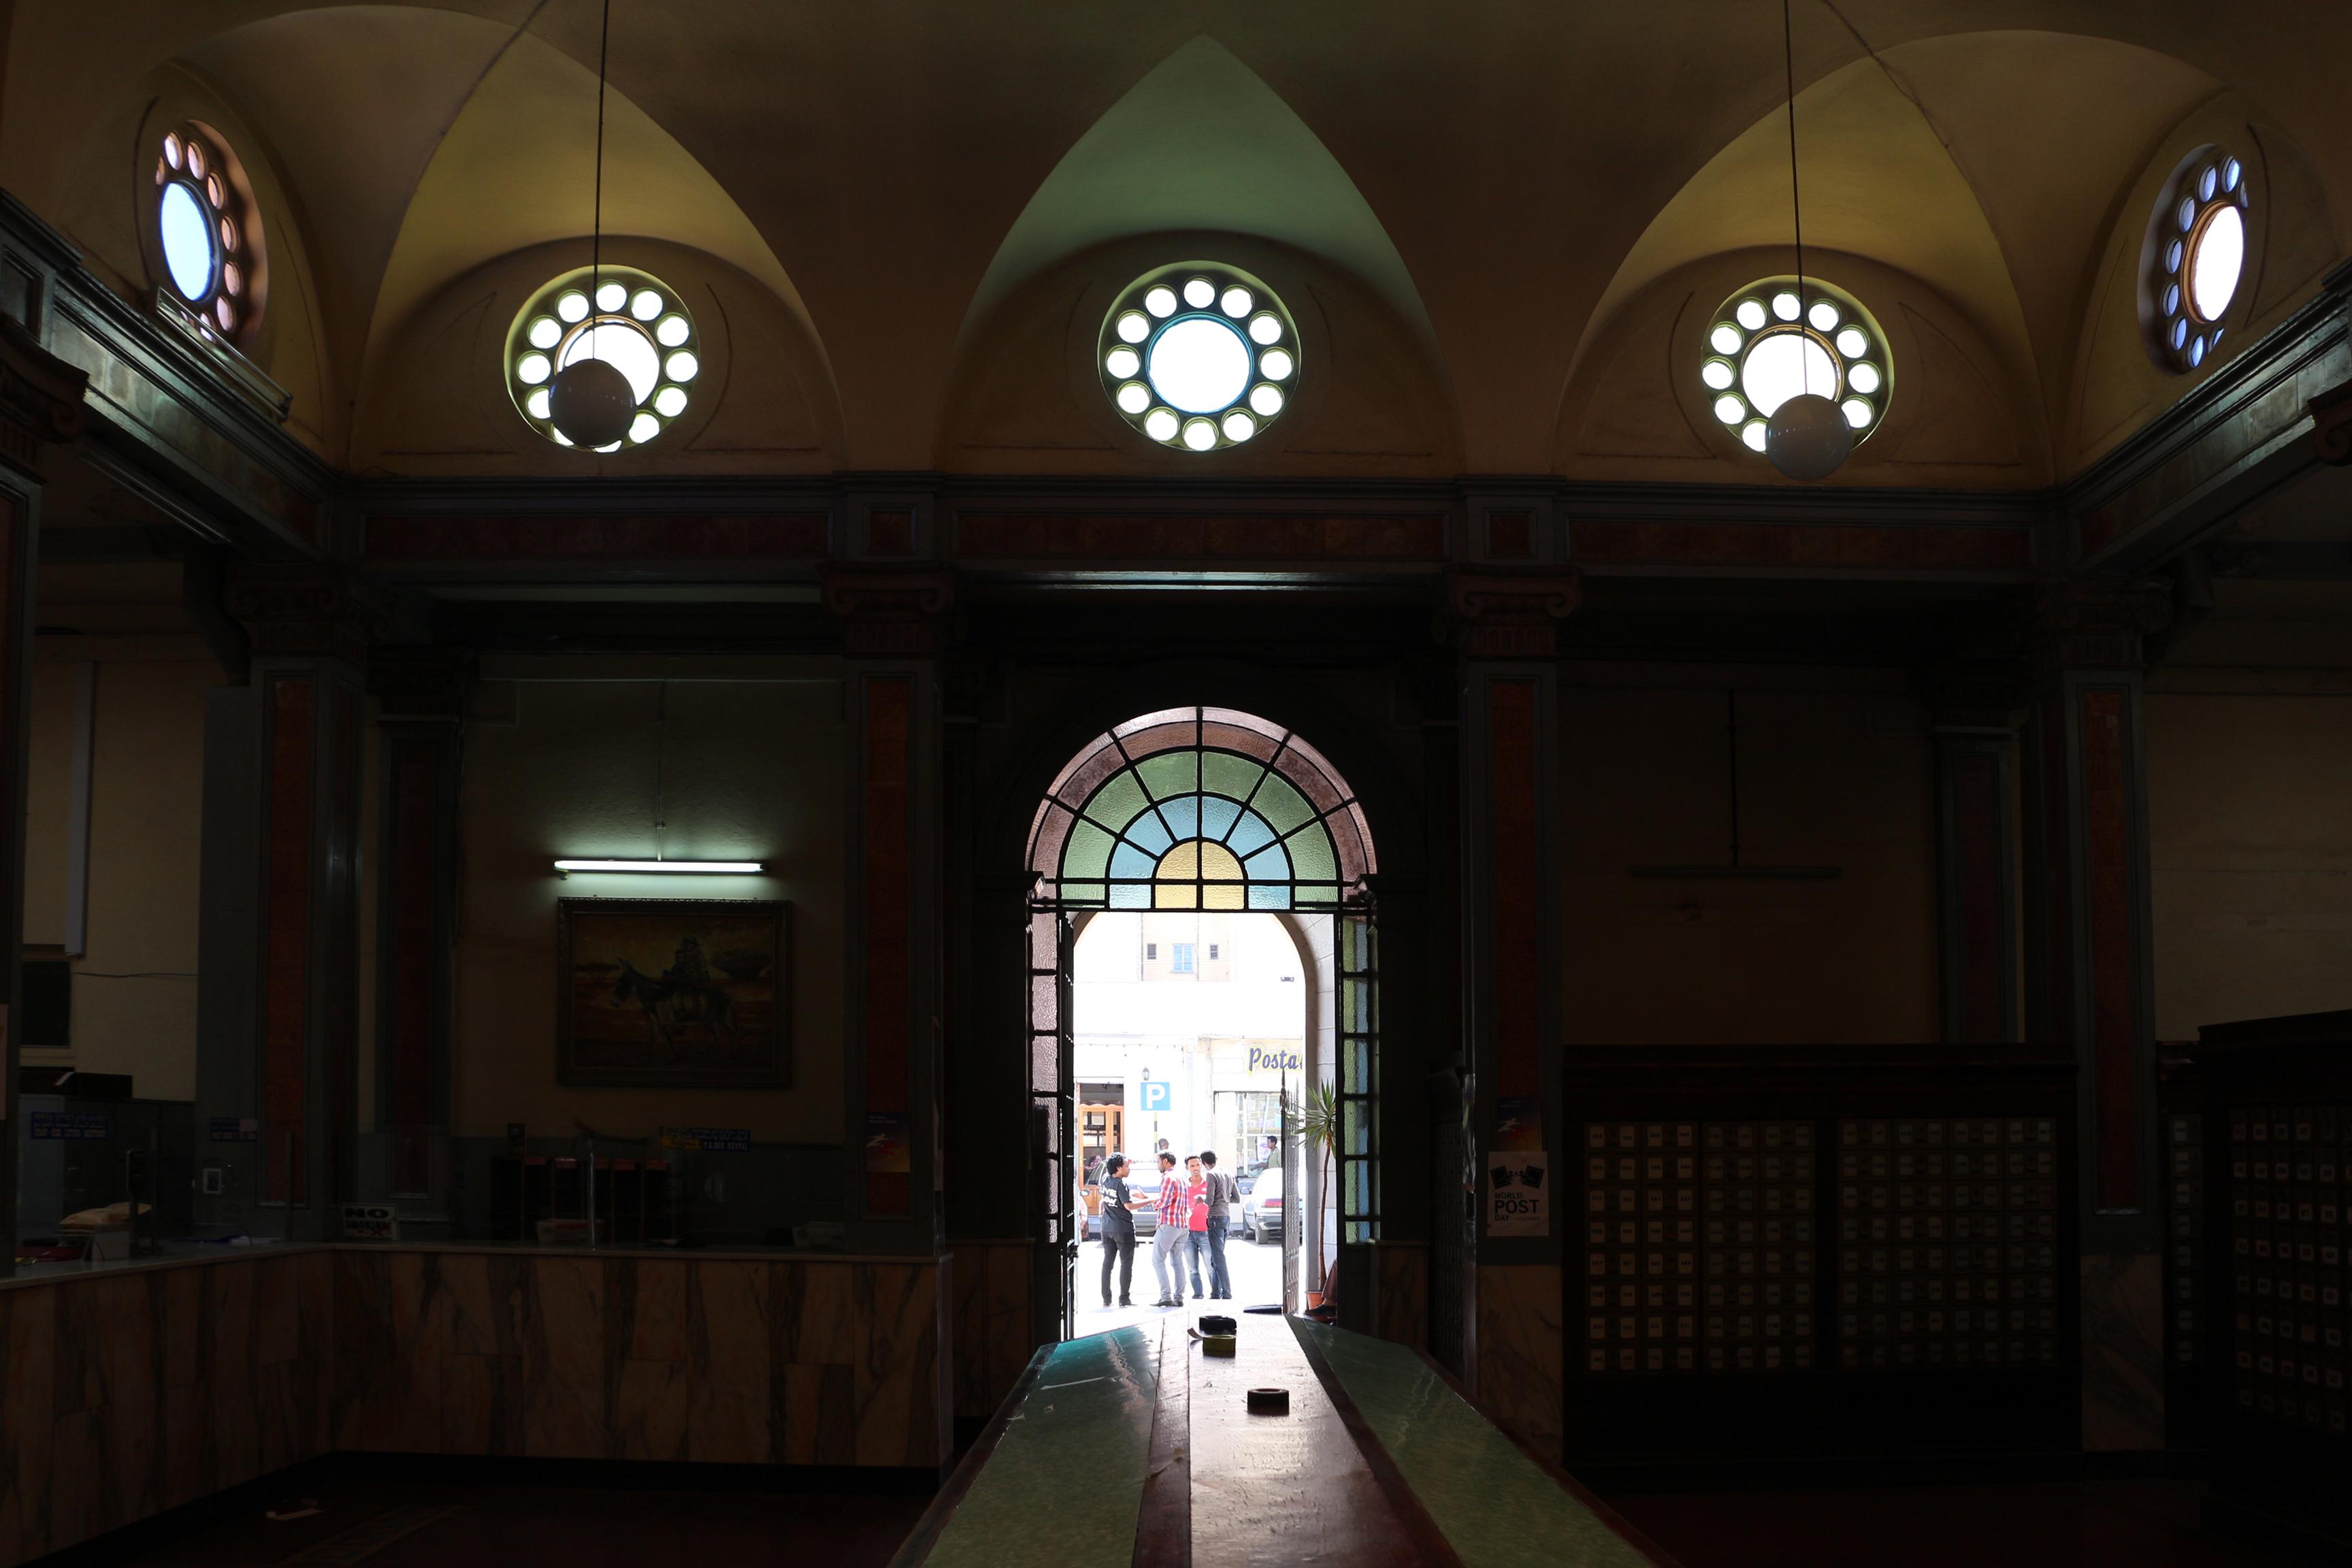 Ufficio Wikipedia : File:asmara ufficio postale interno 05.jpg wikimedia commons